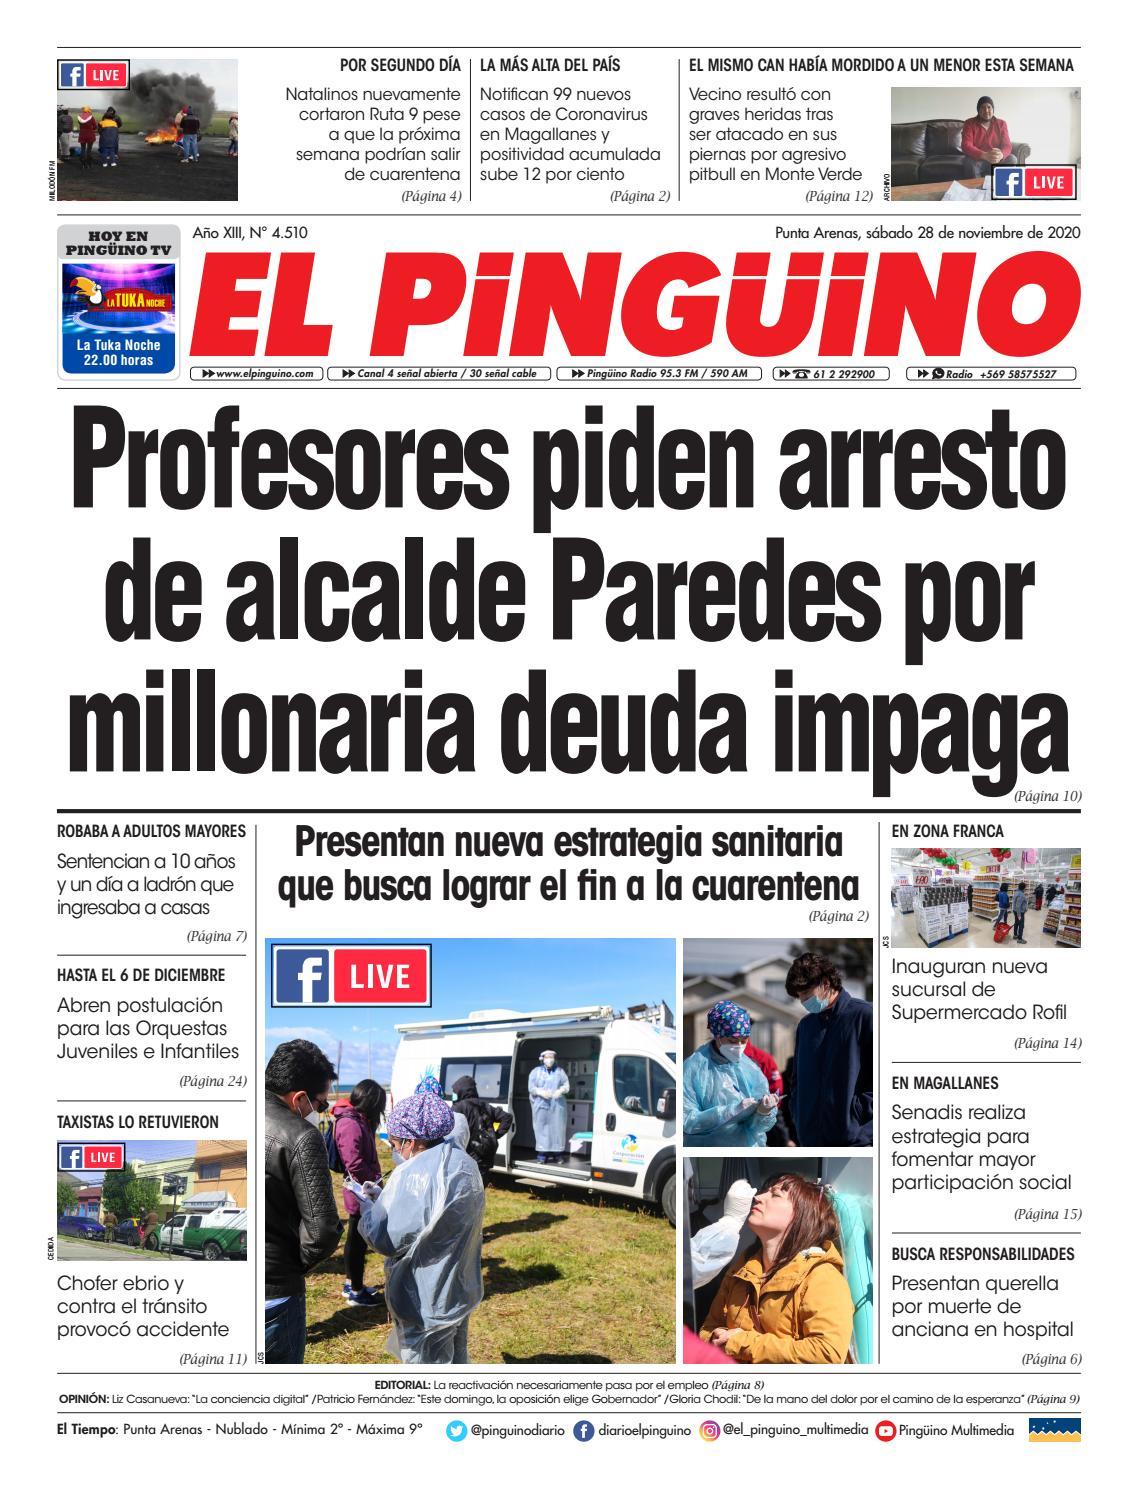 Actor Porno Que Volia Estudisr Meficina 28-11--2020el pinguino - issuu